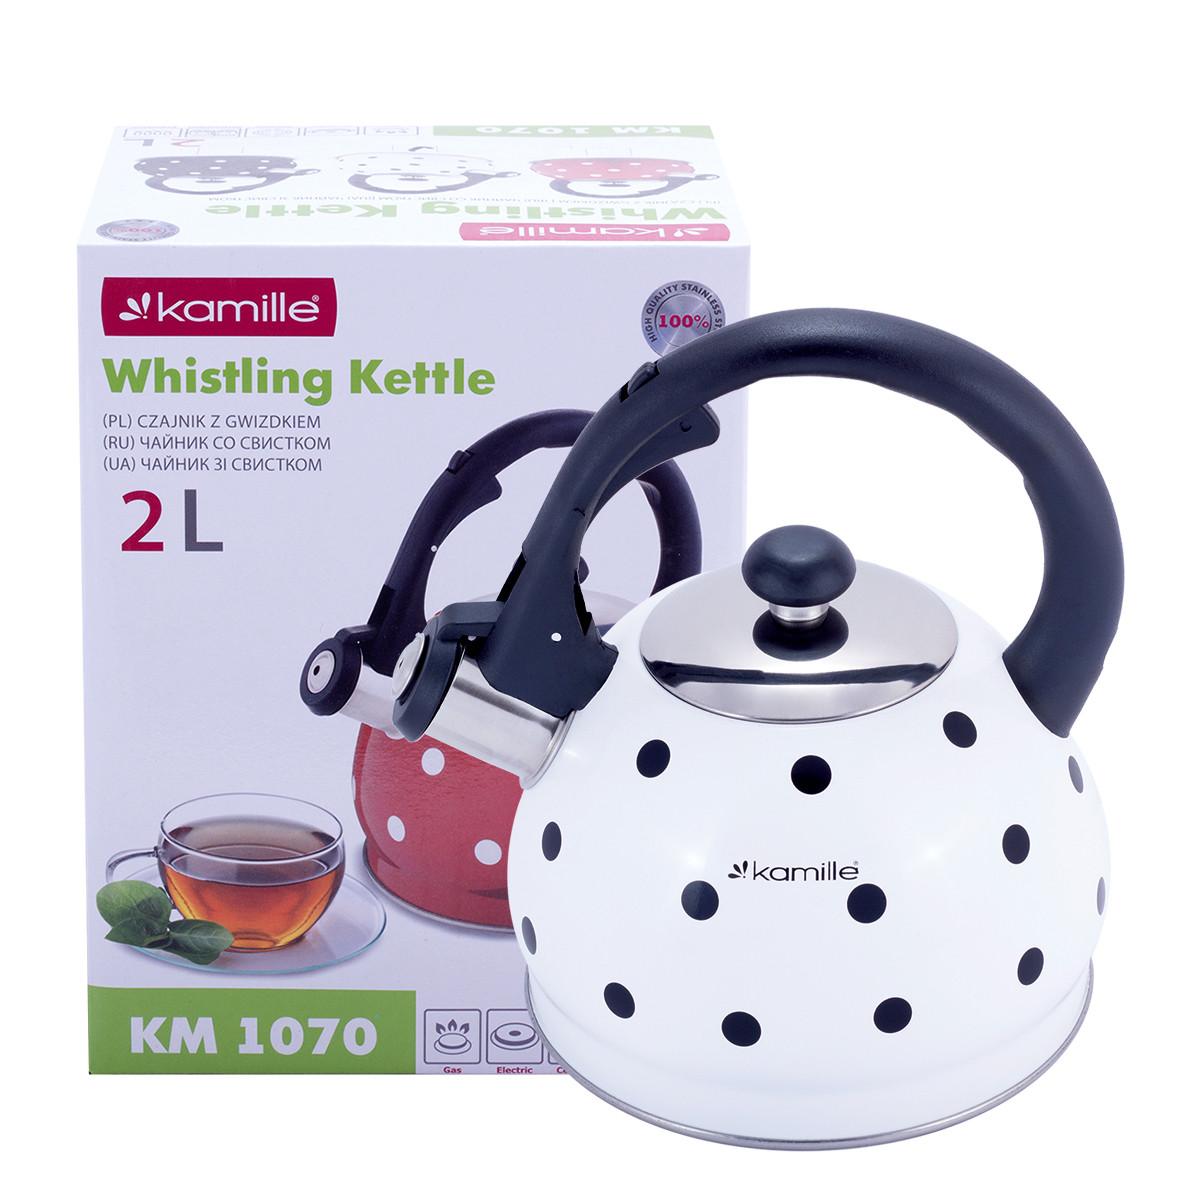 Чайник Kamille Белый 2л из нержавеющей стали со свистком  для индукции и газа KM-1070